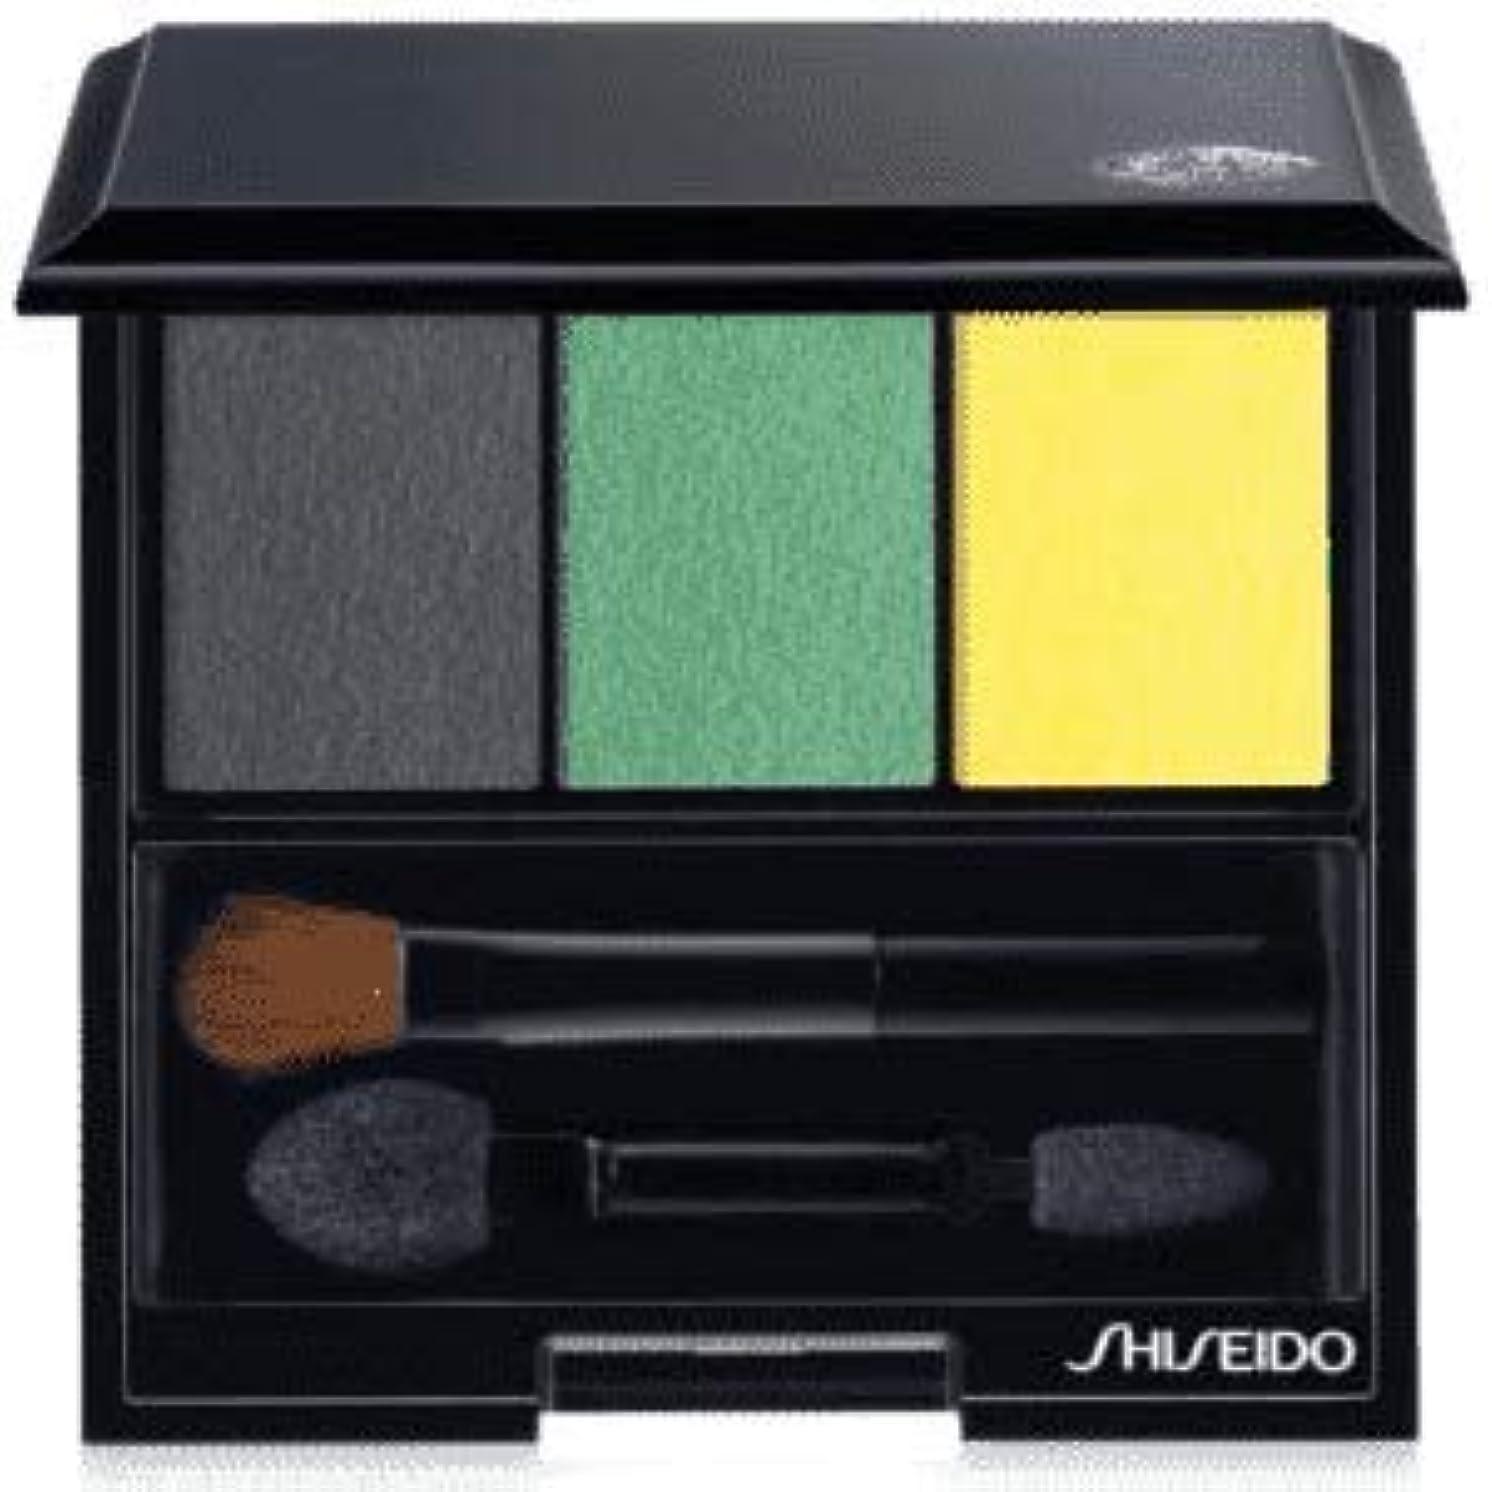 逸話服合法資生堂 ルミナイジング サテン アイカラー トリオ GR716(Shiseido Luminizing Satin Eye Color Trio GR716) [並行輸入品]